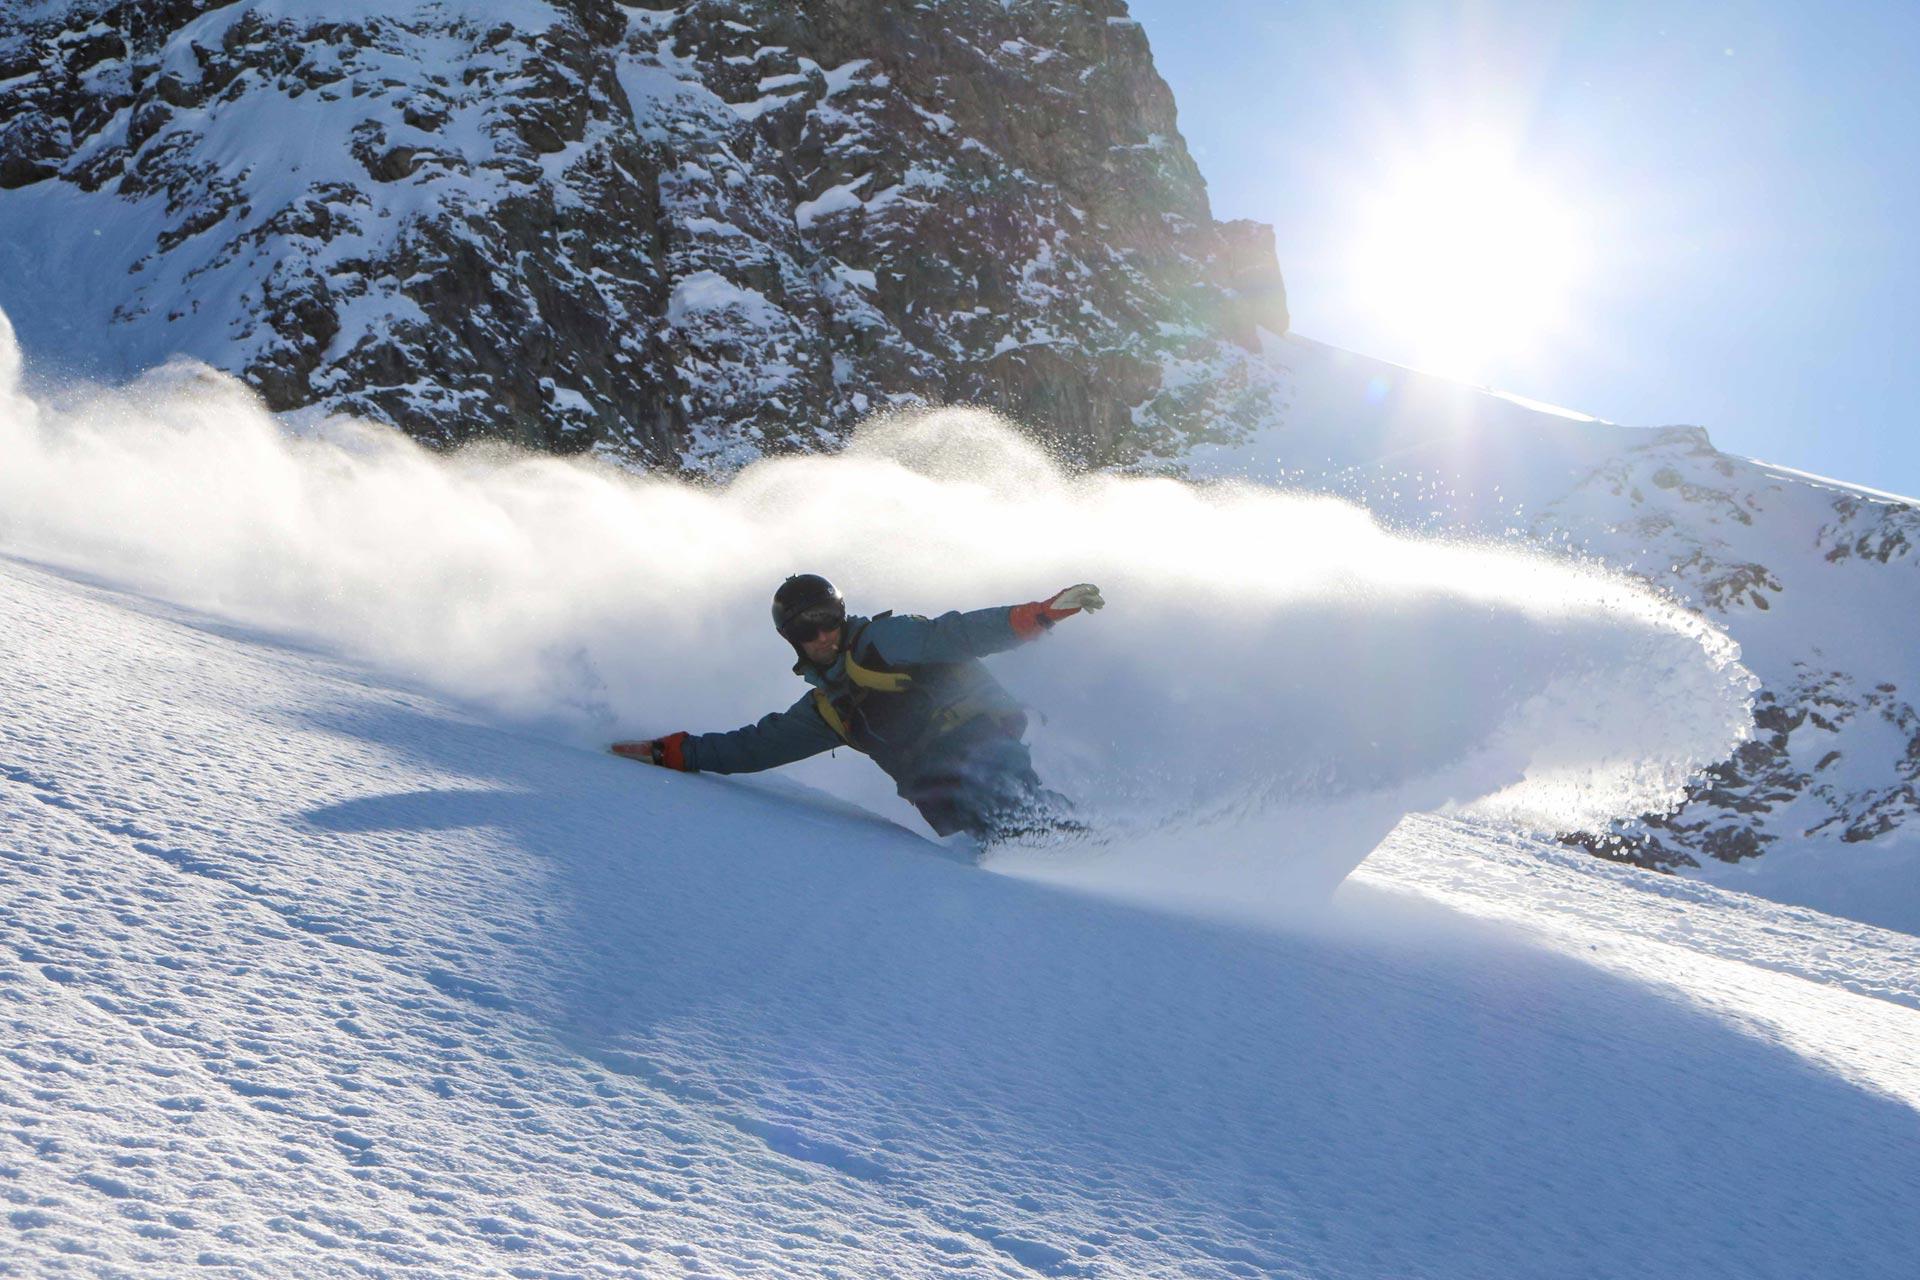 Die Camps richten sich an Skifahrer und Snowboarder, ihr könnt also auch zusammen mit euren Freunden gehen, die ein anderen Brett unter den Füßen bevorzugen - Foto: Sandro Luca Thiele